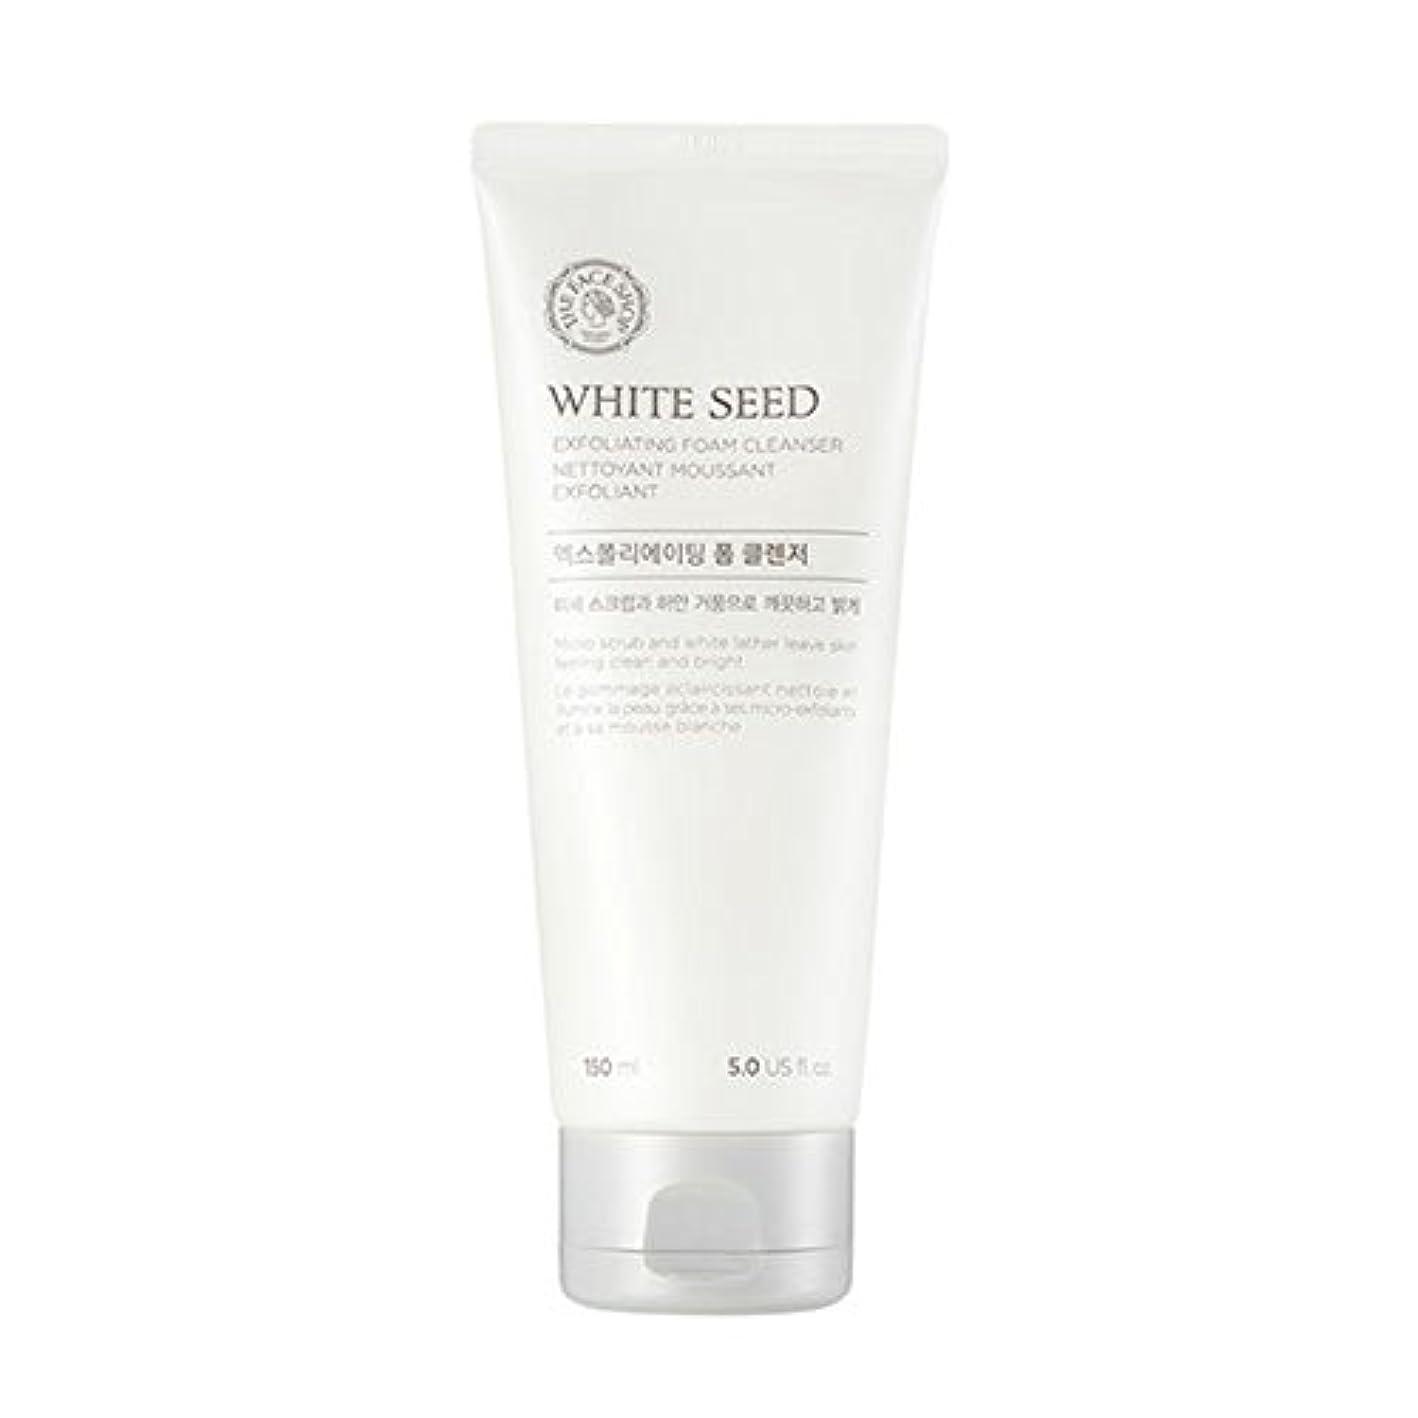 テメリティデッドロック中間[ザフェイスショップ] The Face Shop ホワイトシードエクスフォリエイティングクレンザー(150ml) The Face Shop White Seed Exfoliating Foam Cleanser(150ml...